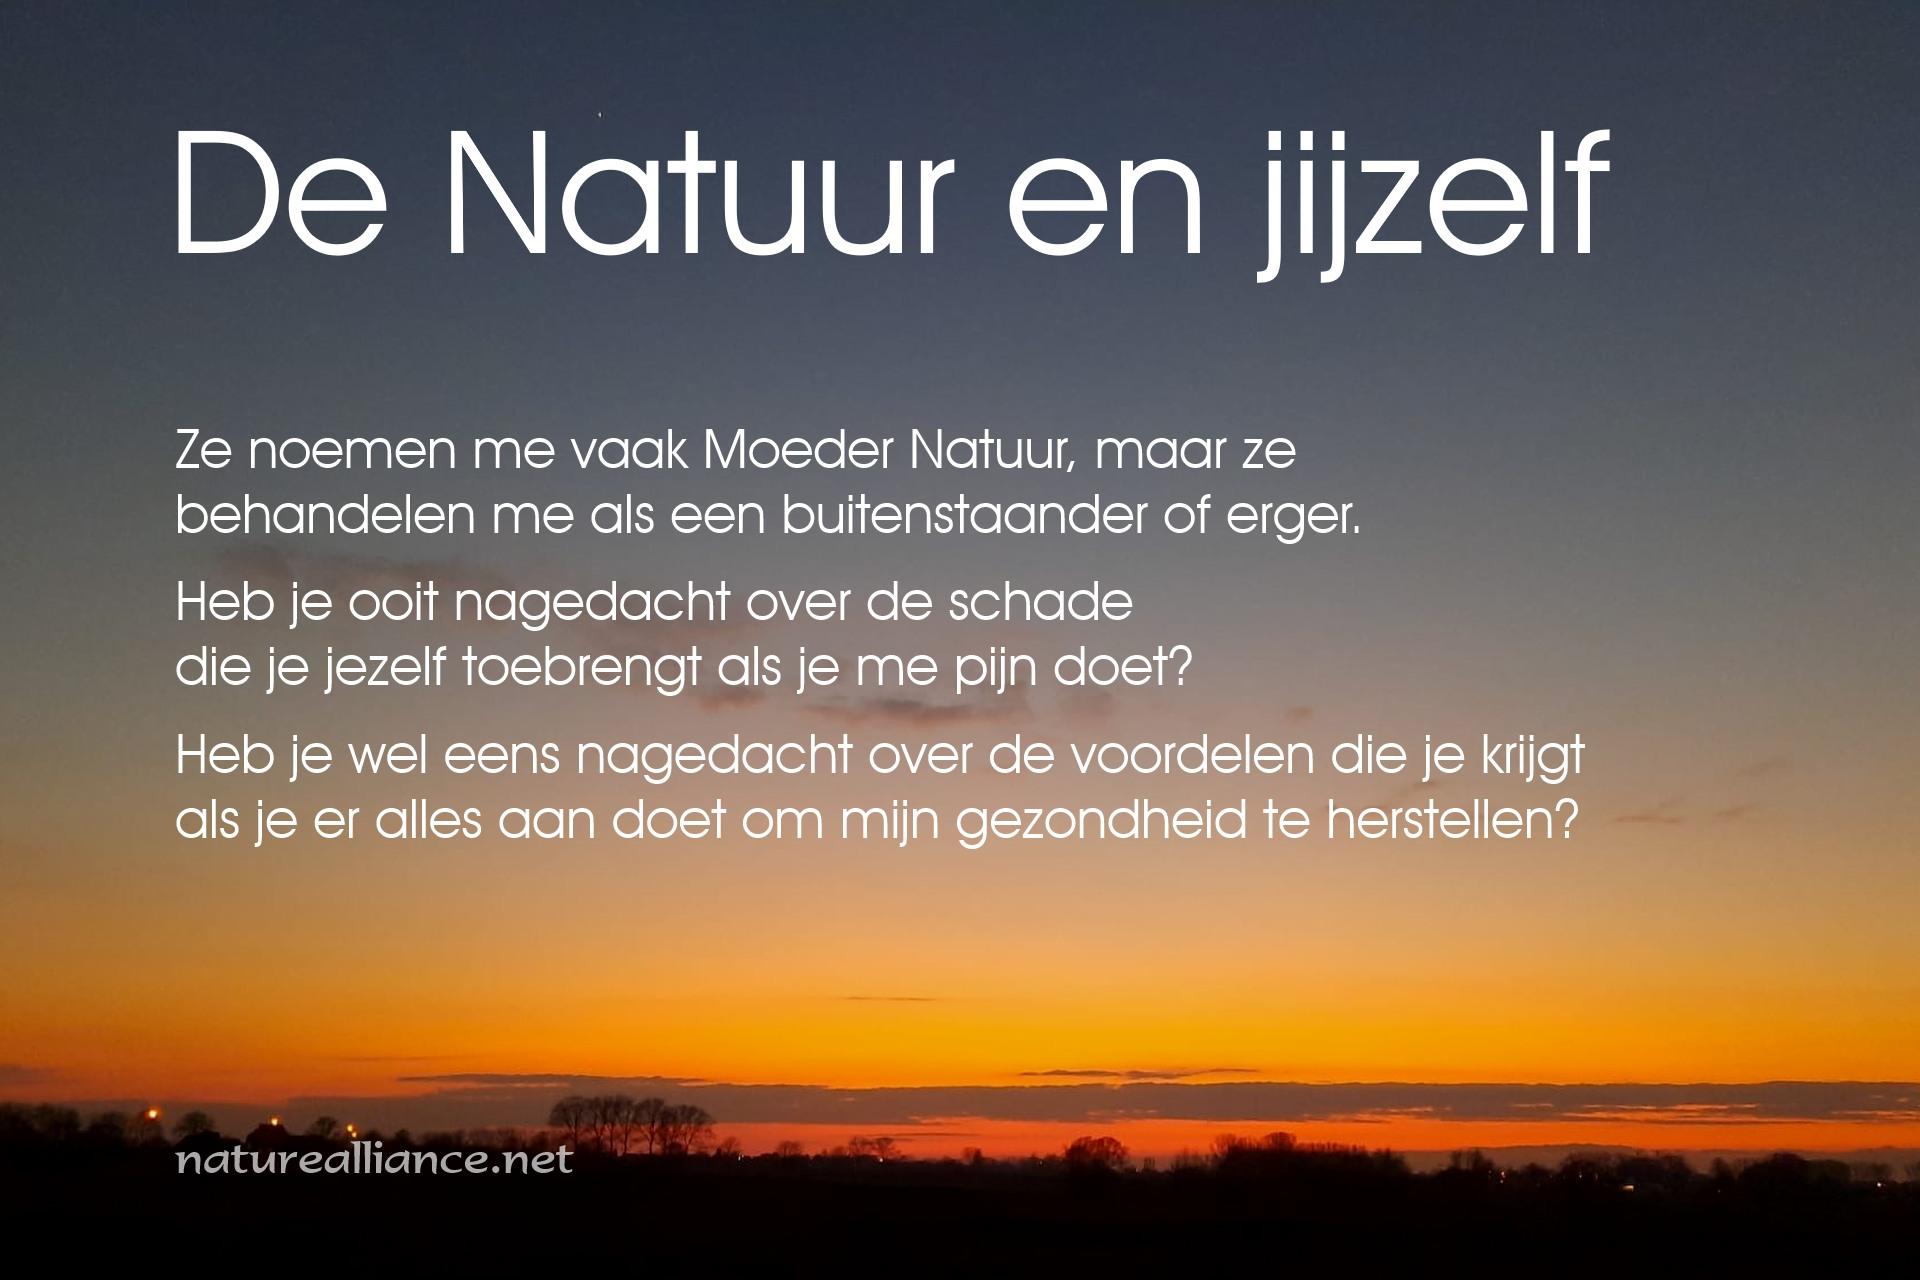 De Natuur en jijzelf